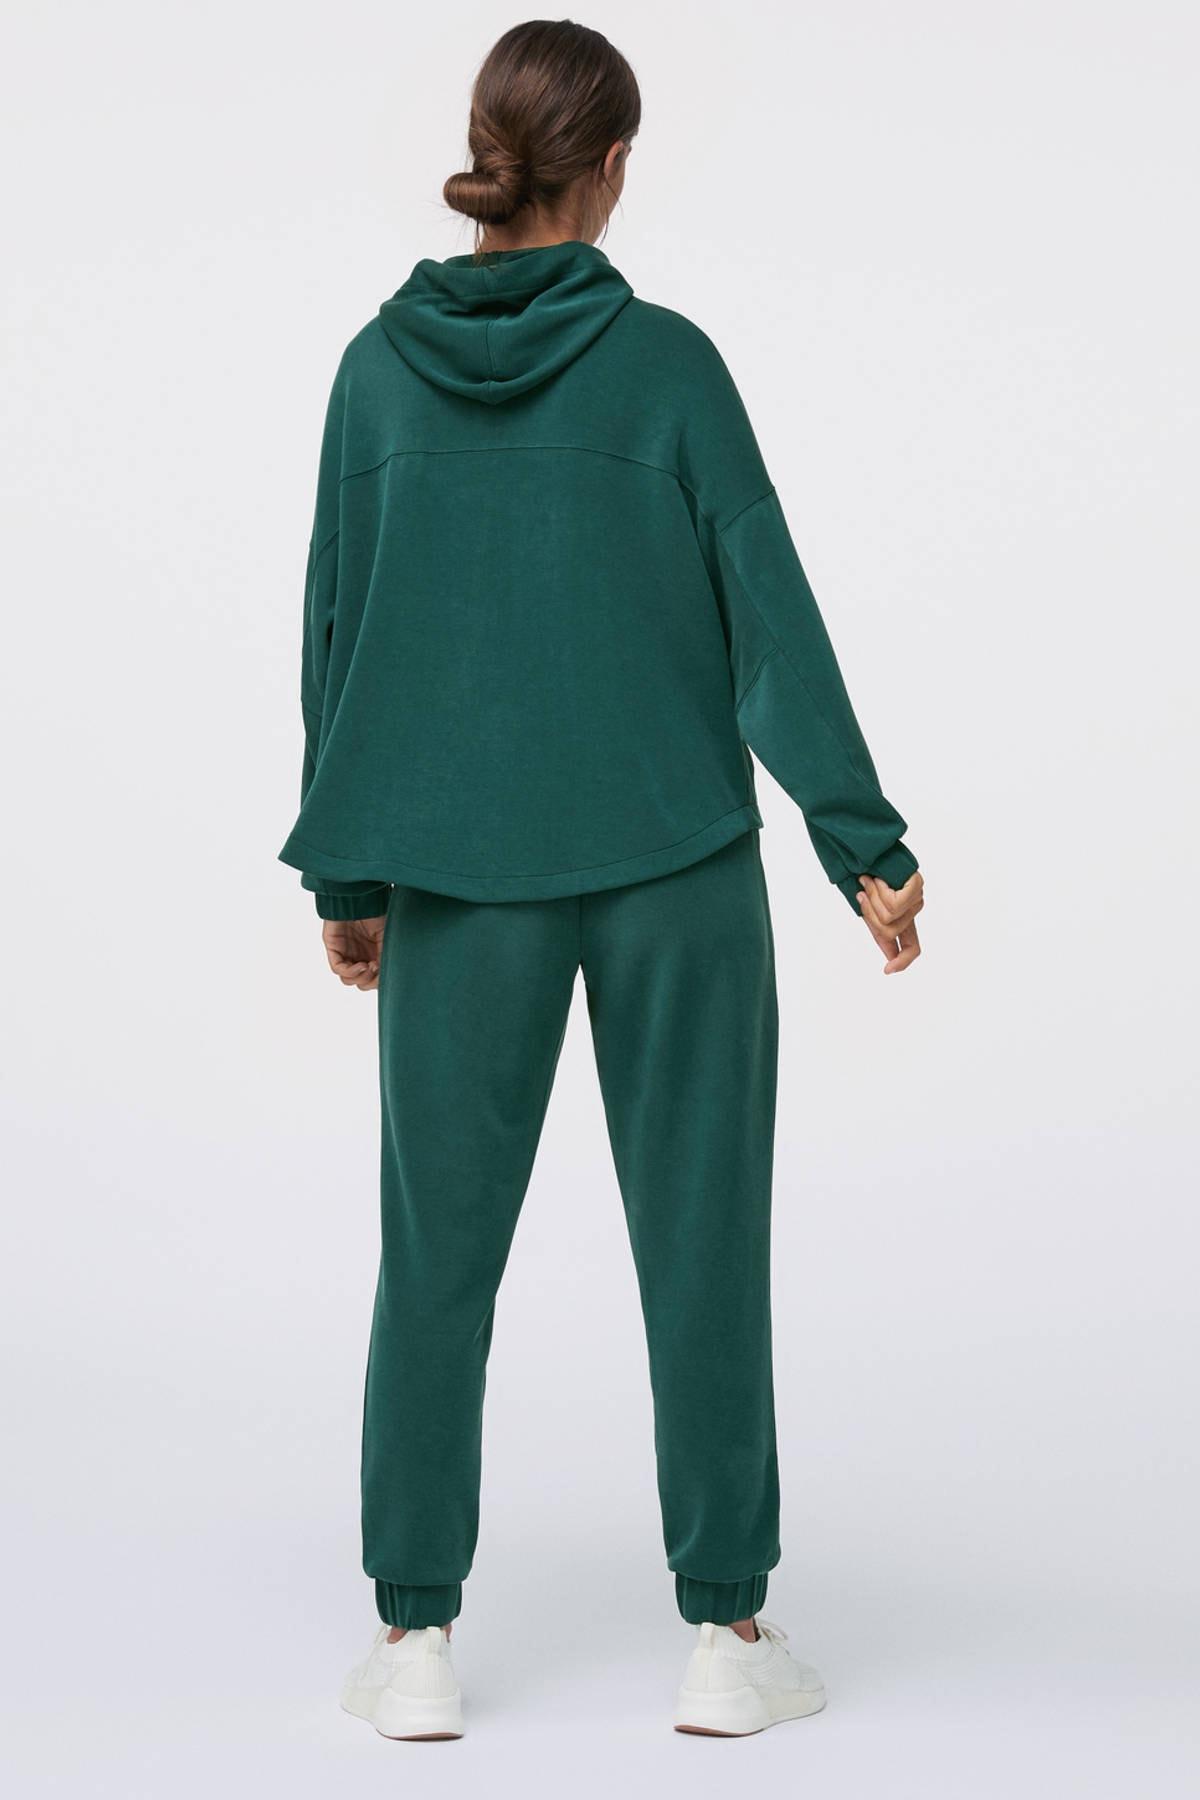 Oysho Kadın Yeşili Önü Büyük Cepli Yumuşak Dokulu Sweatshirt 4